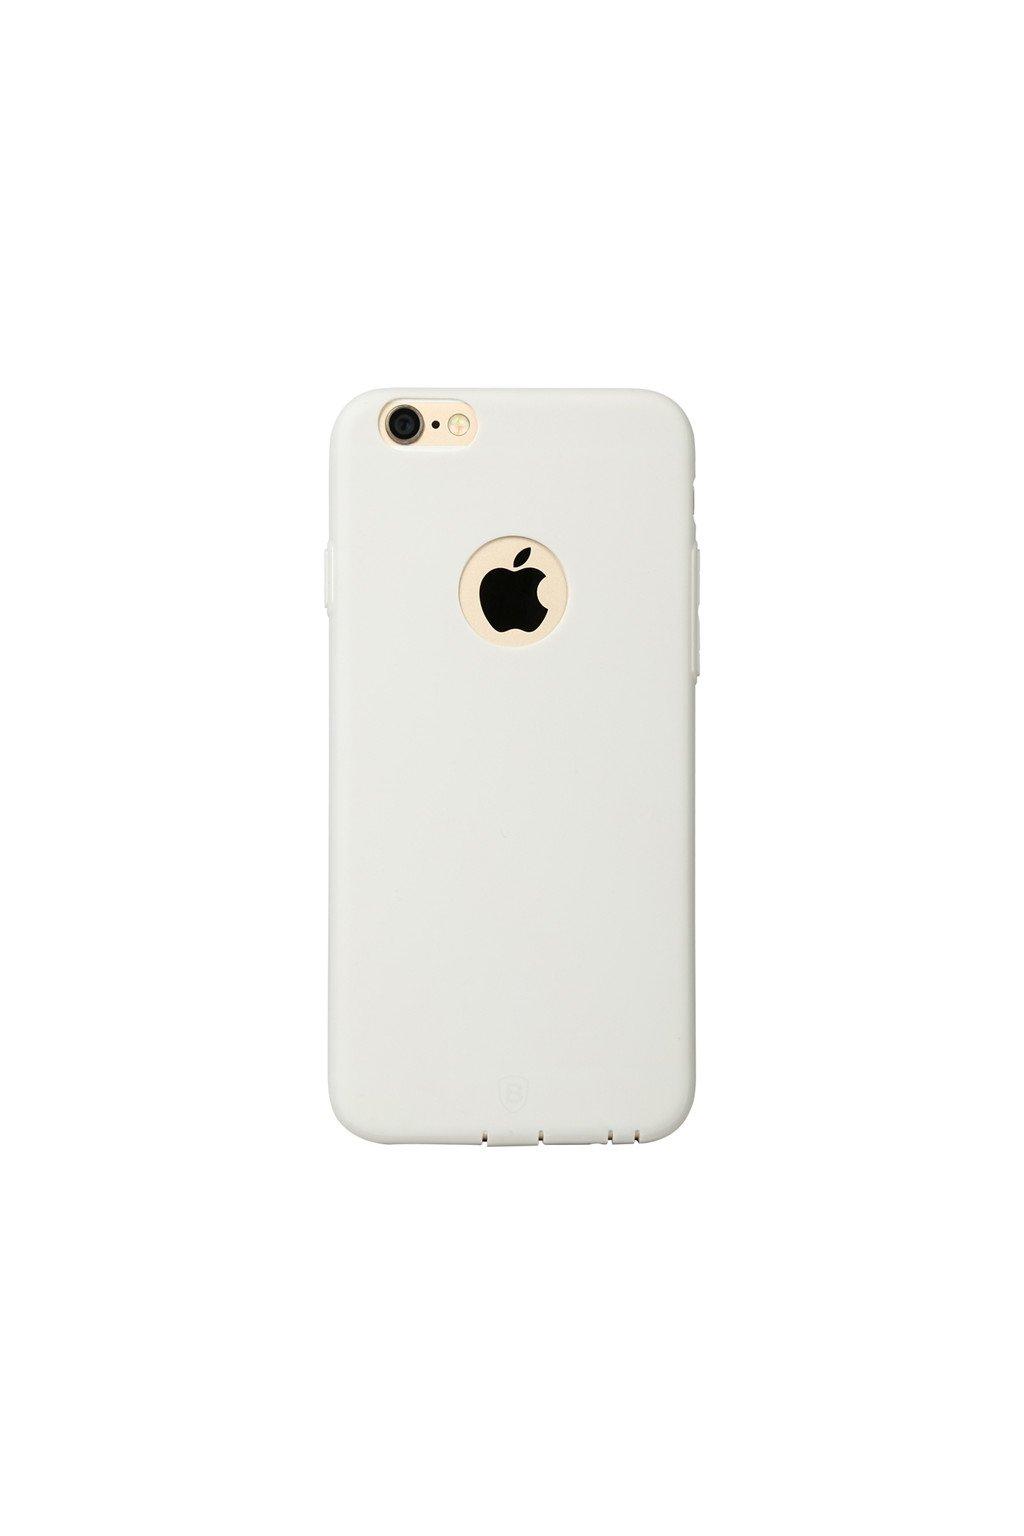 Pouzdro Apple iPhone 6/6S Baseus TPU Mousse, grey/white